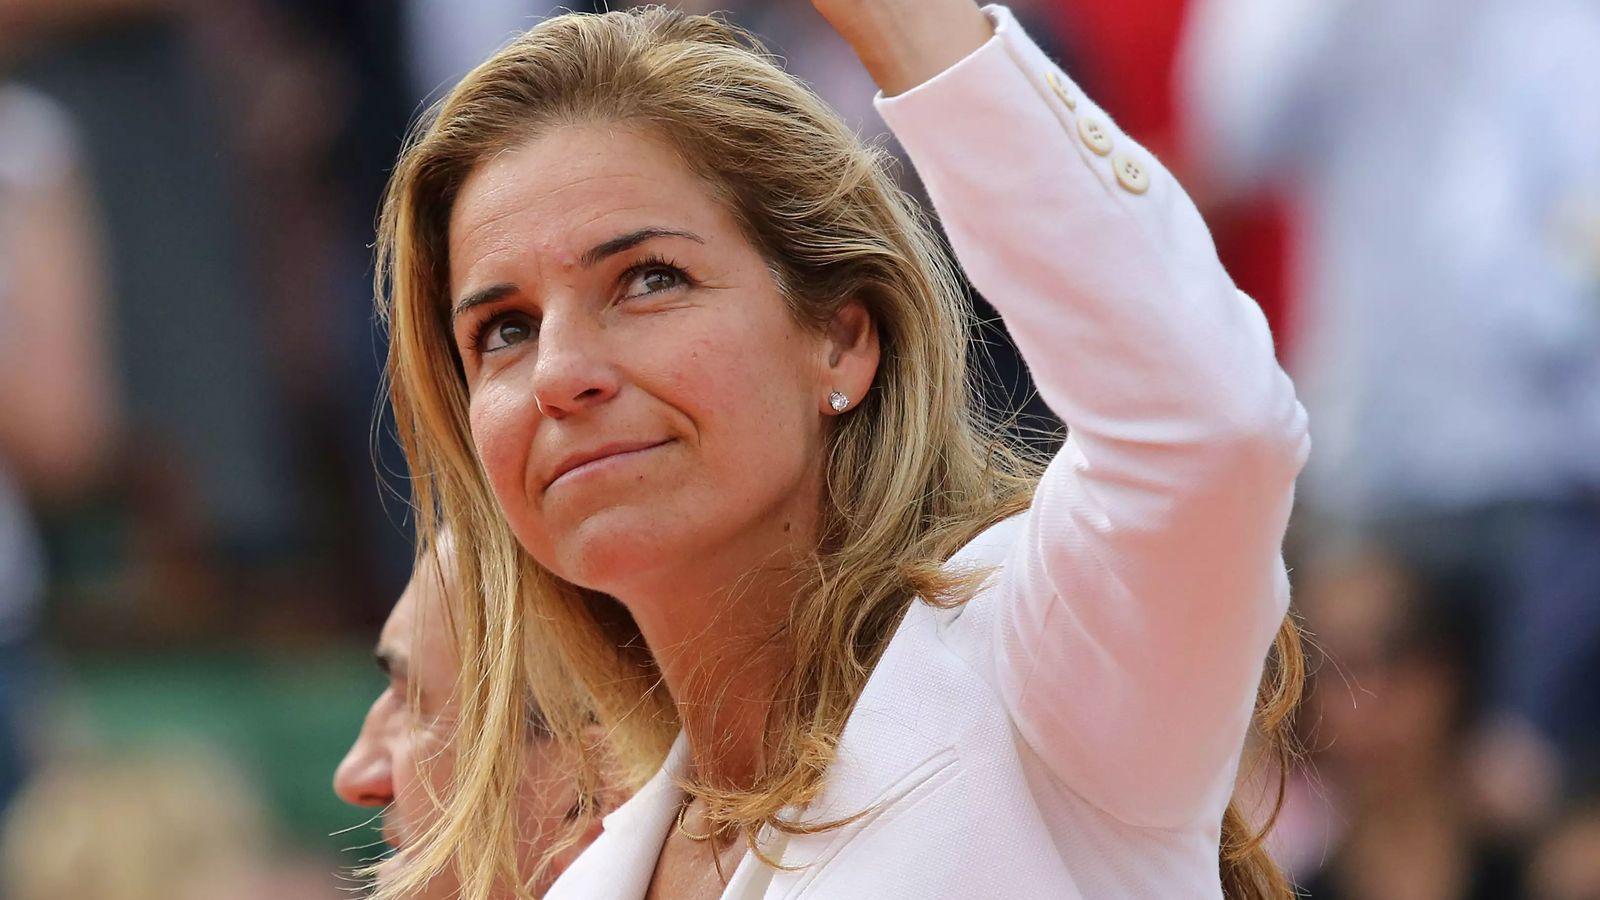 La sorprendente declaraci³n de Arantxa Sánchez Vicario a un juez